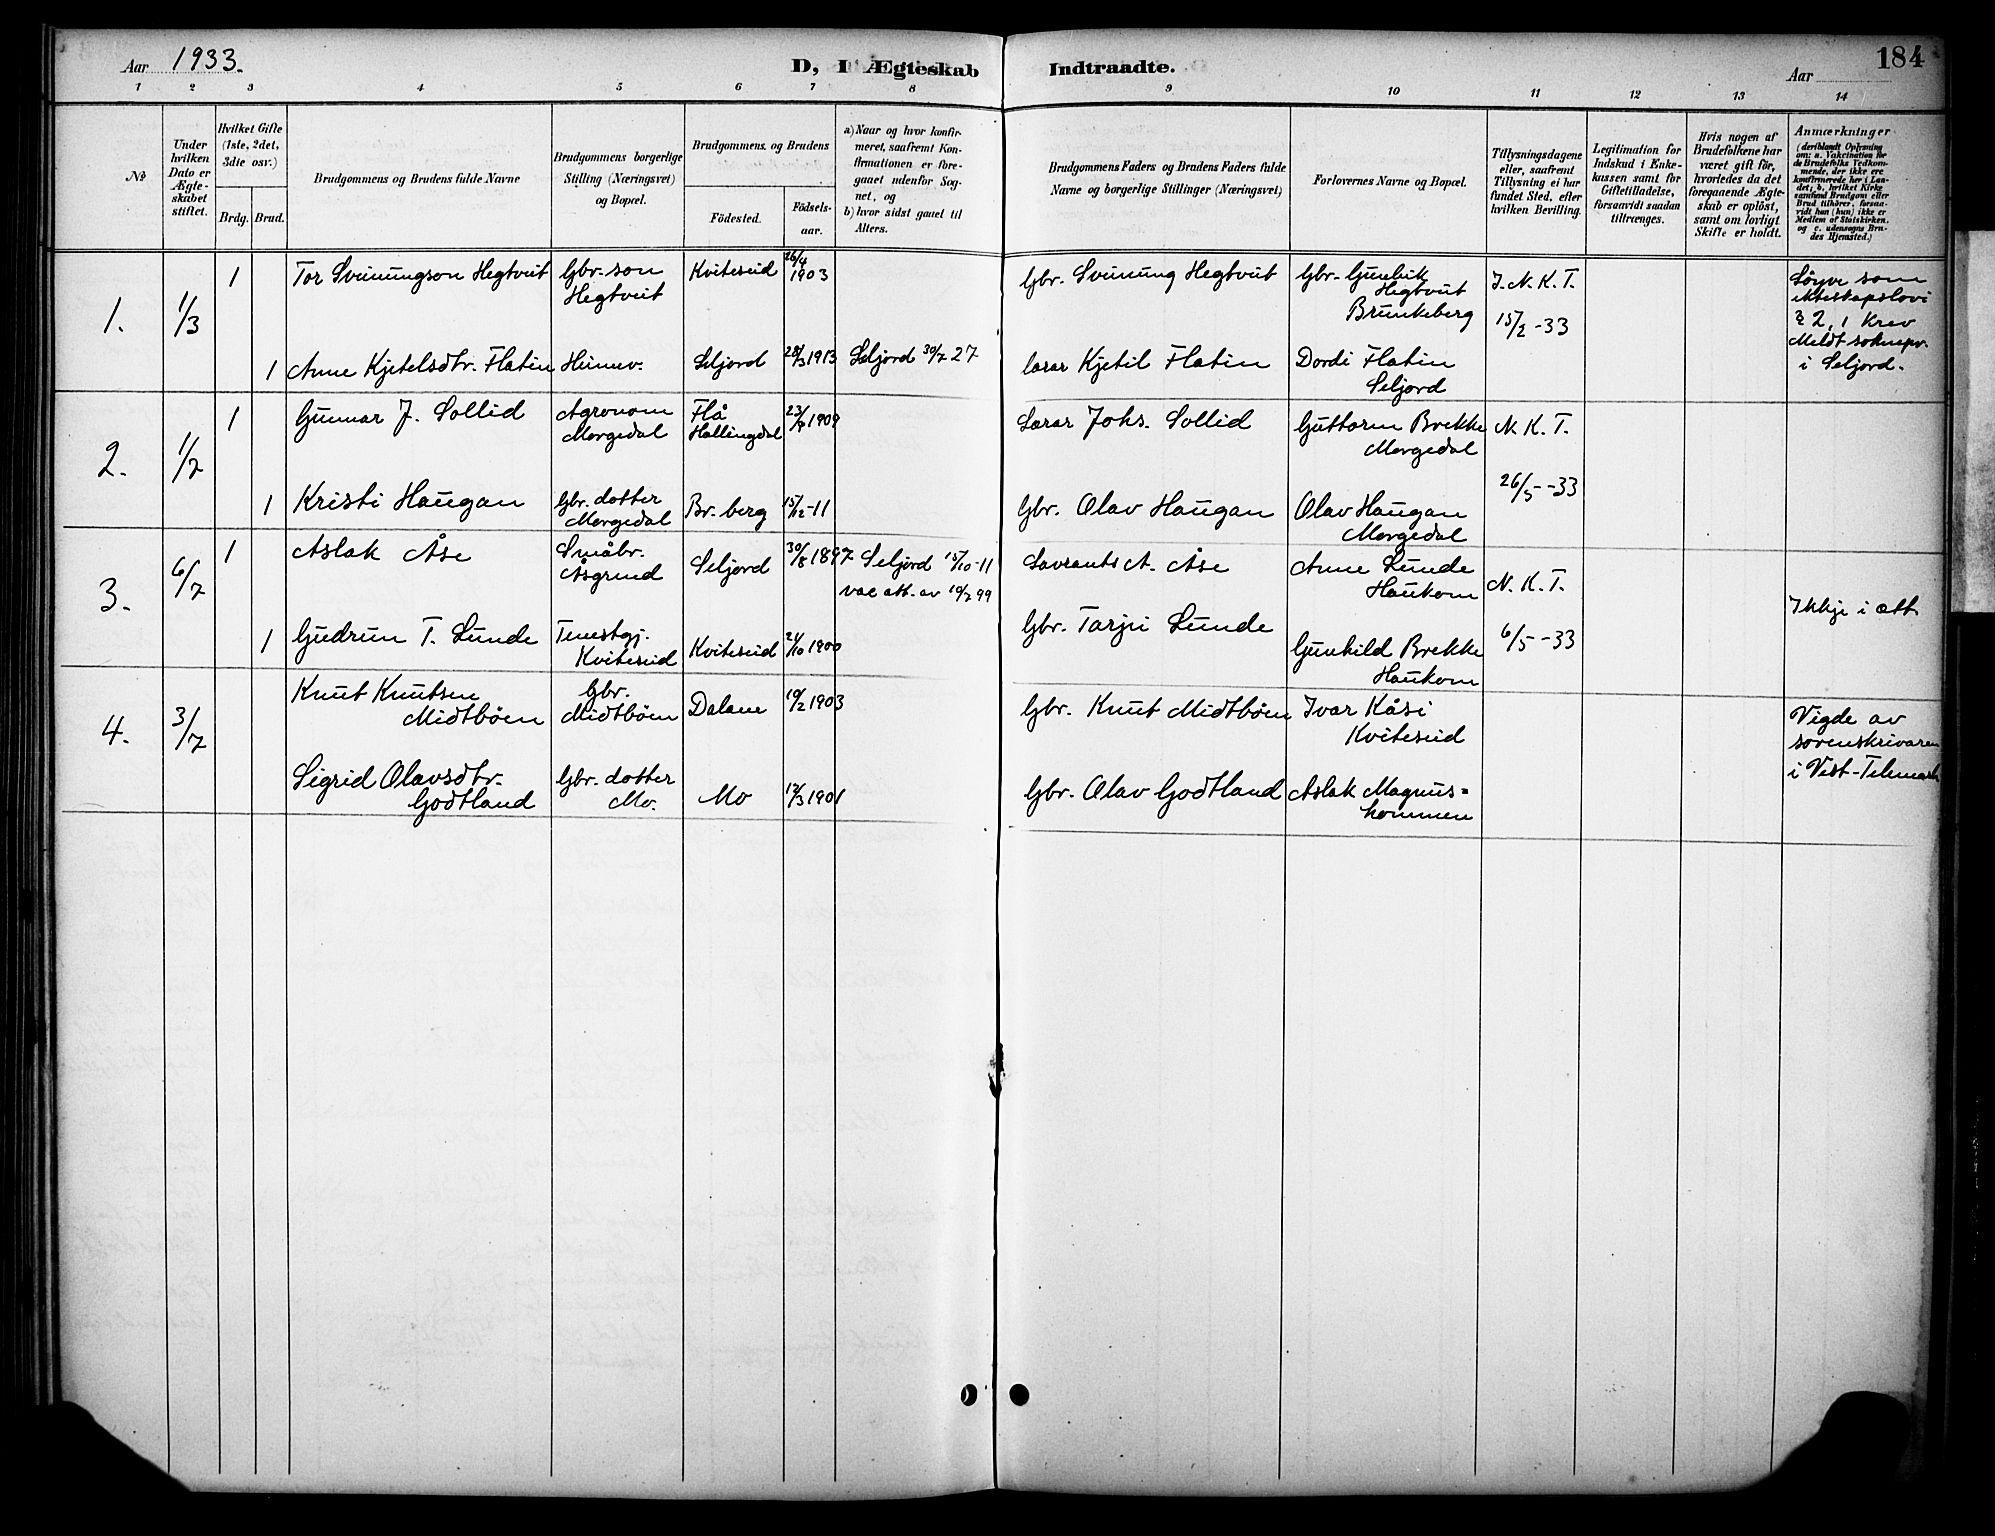 SAKO, Kviteseid kirkebøker, G/Gb/L0003: Klokkerbok nr. II 3, 1893-1933, s. 184